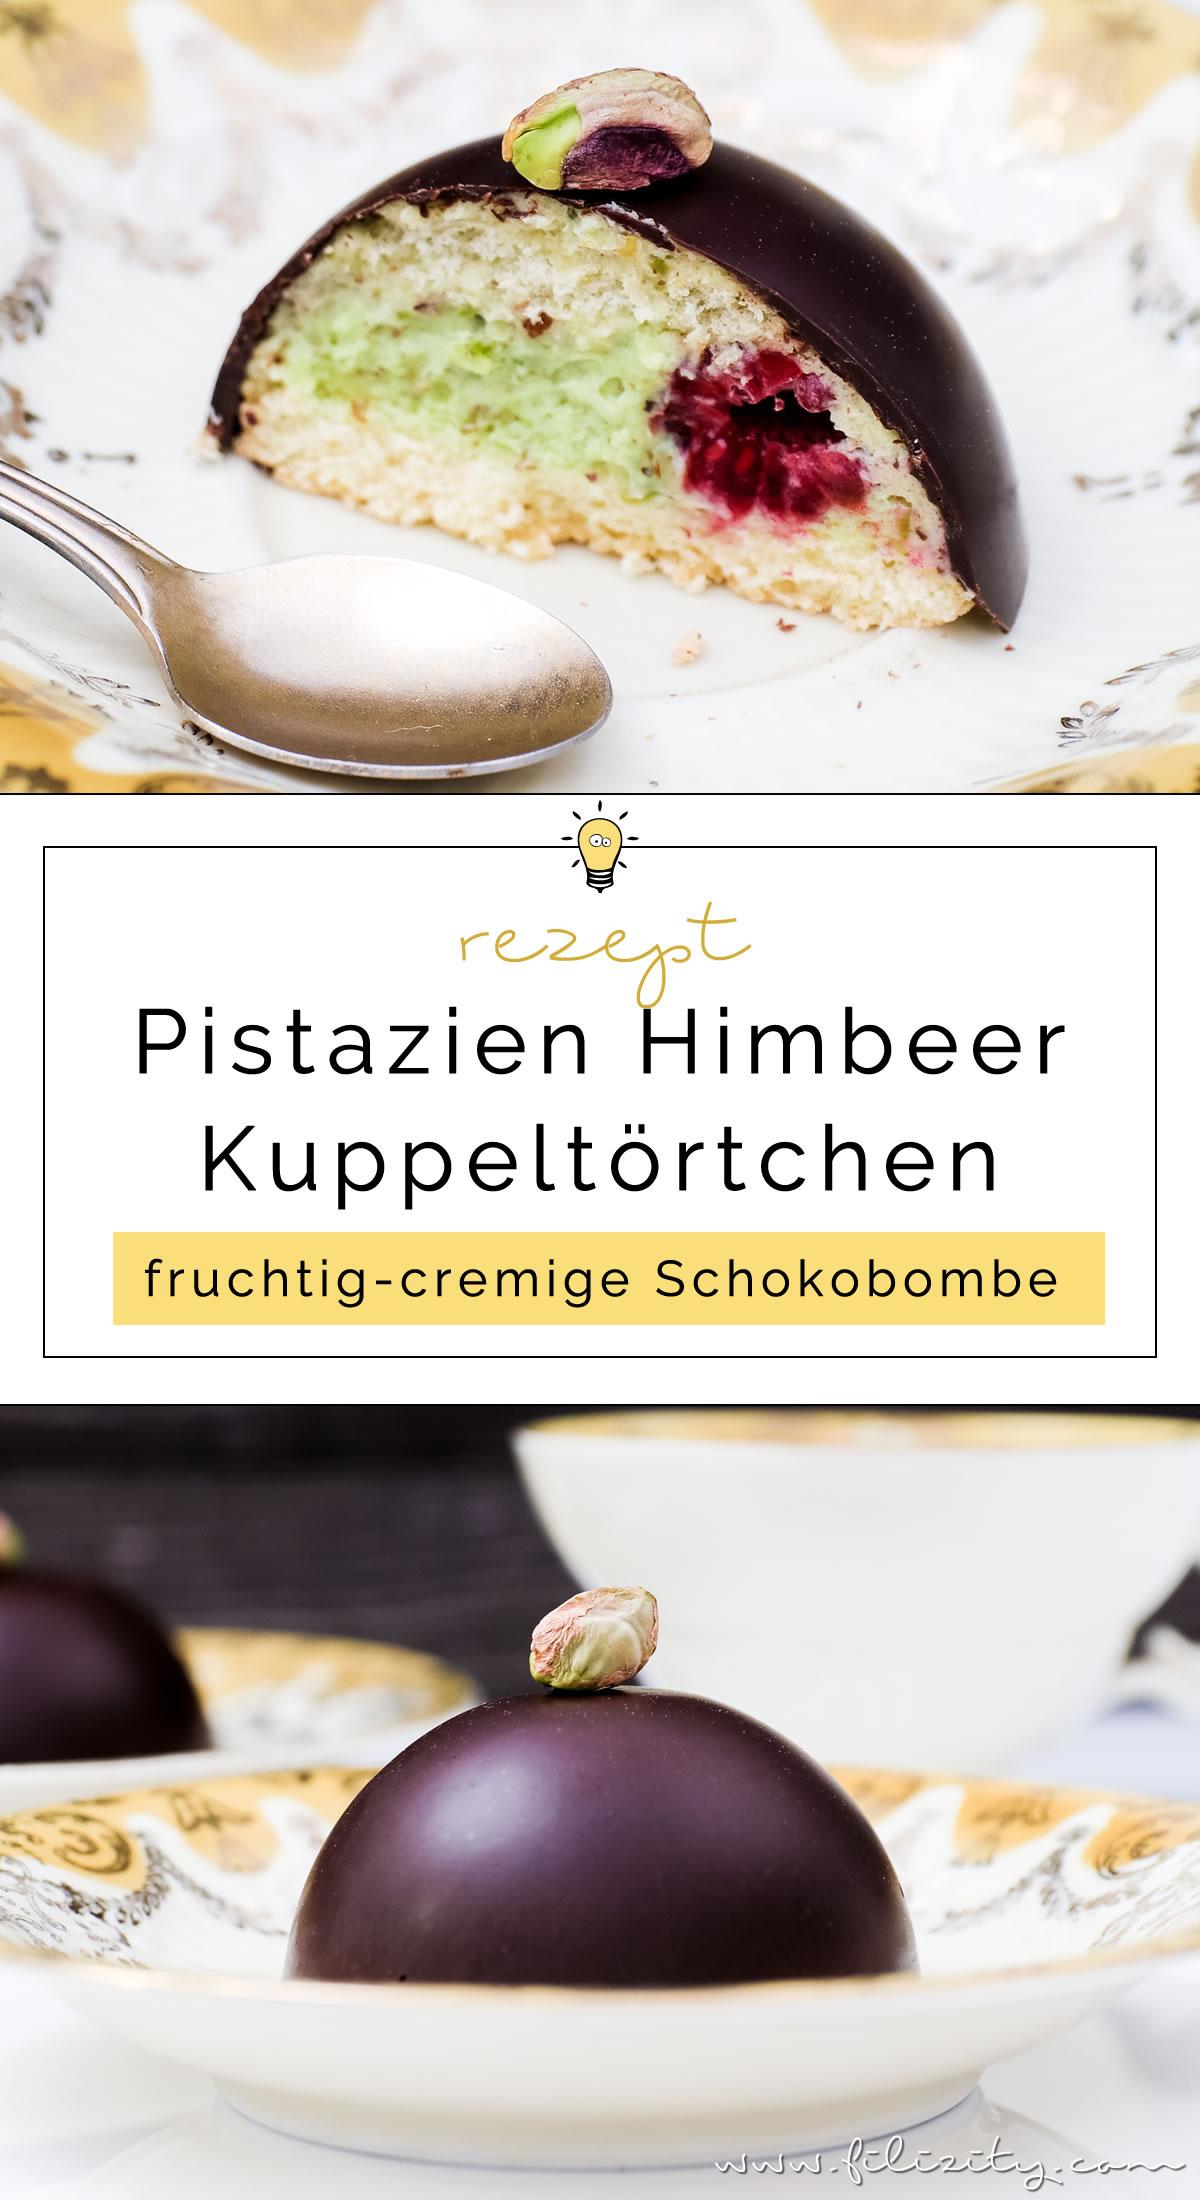 Pistazien-Törtchen mit Himbeeren | Feine Schoko-Kuppel mit Pistaziencreme und Bikuit | Filizity.com | Food-Blog aus dem Rheinland #dessert #kuchen #schokolade